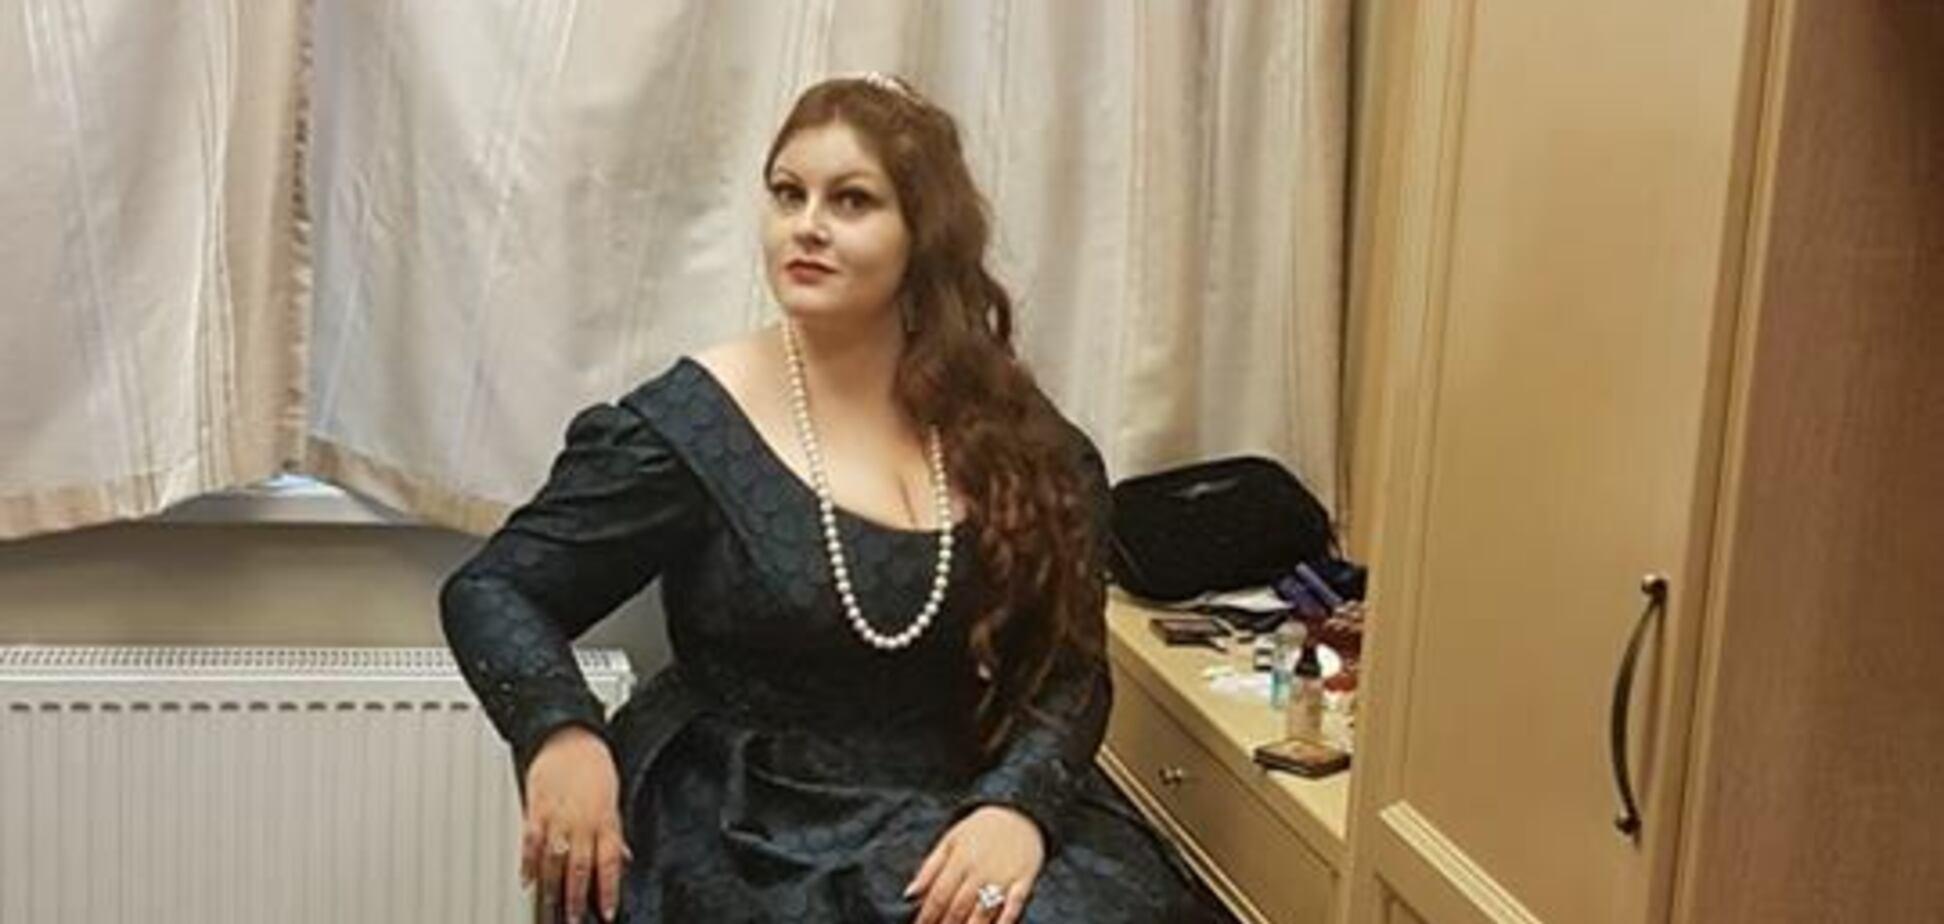 'Я хочу розчленувати її!' Історія оперної співачки Росії підірвала мережу